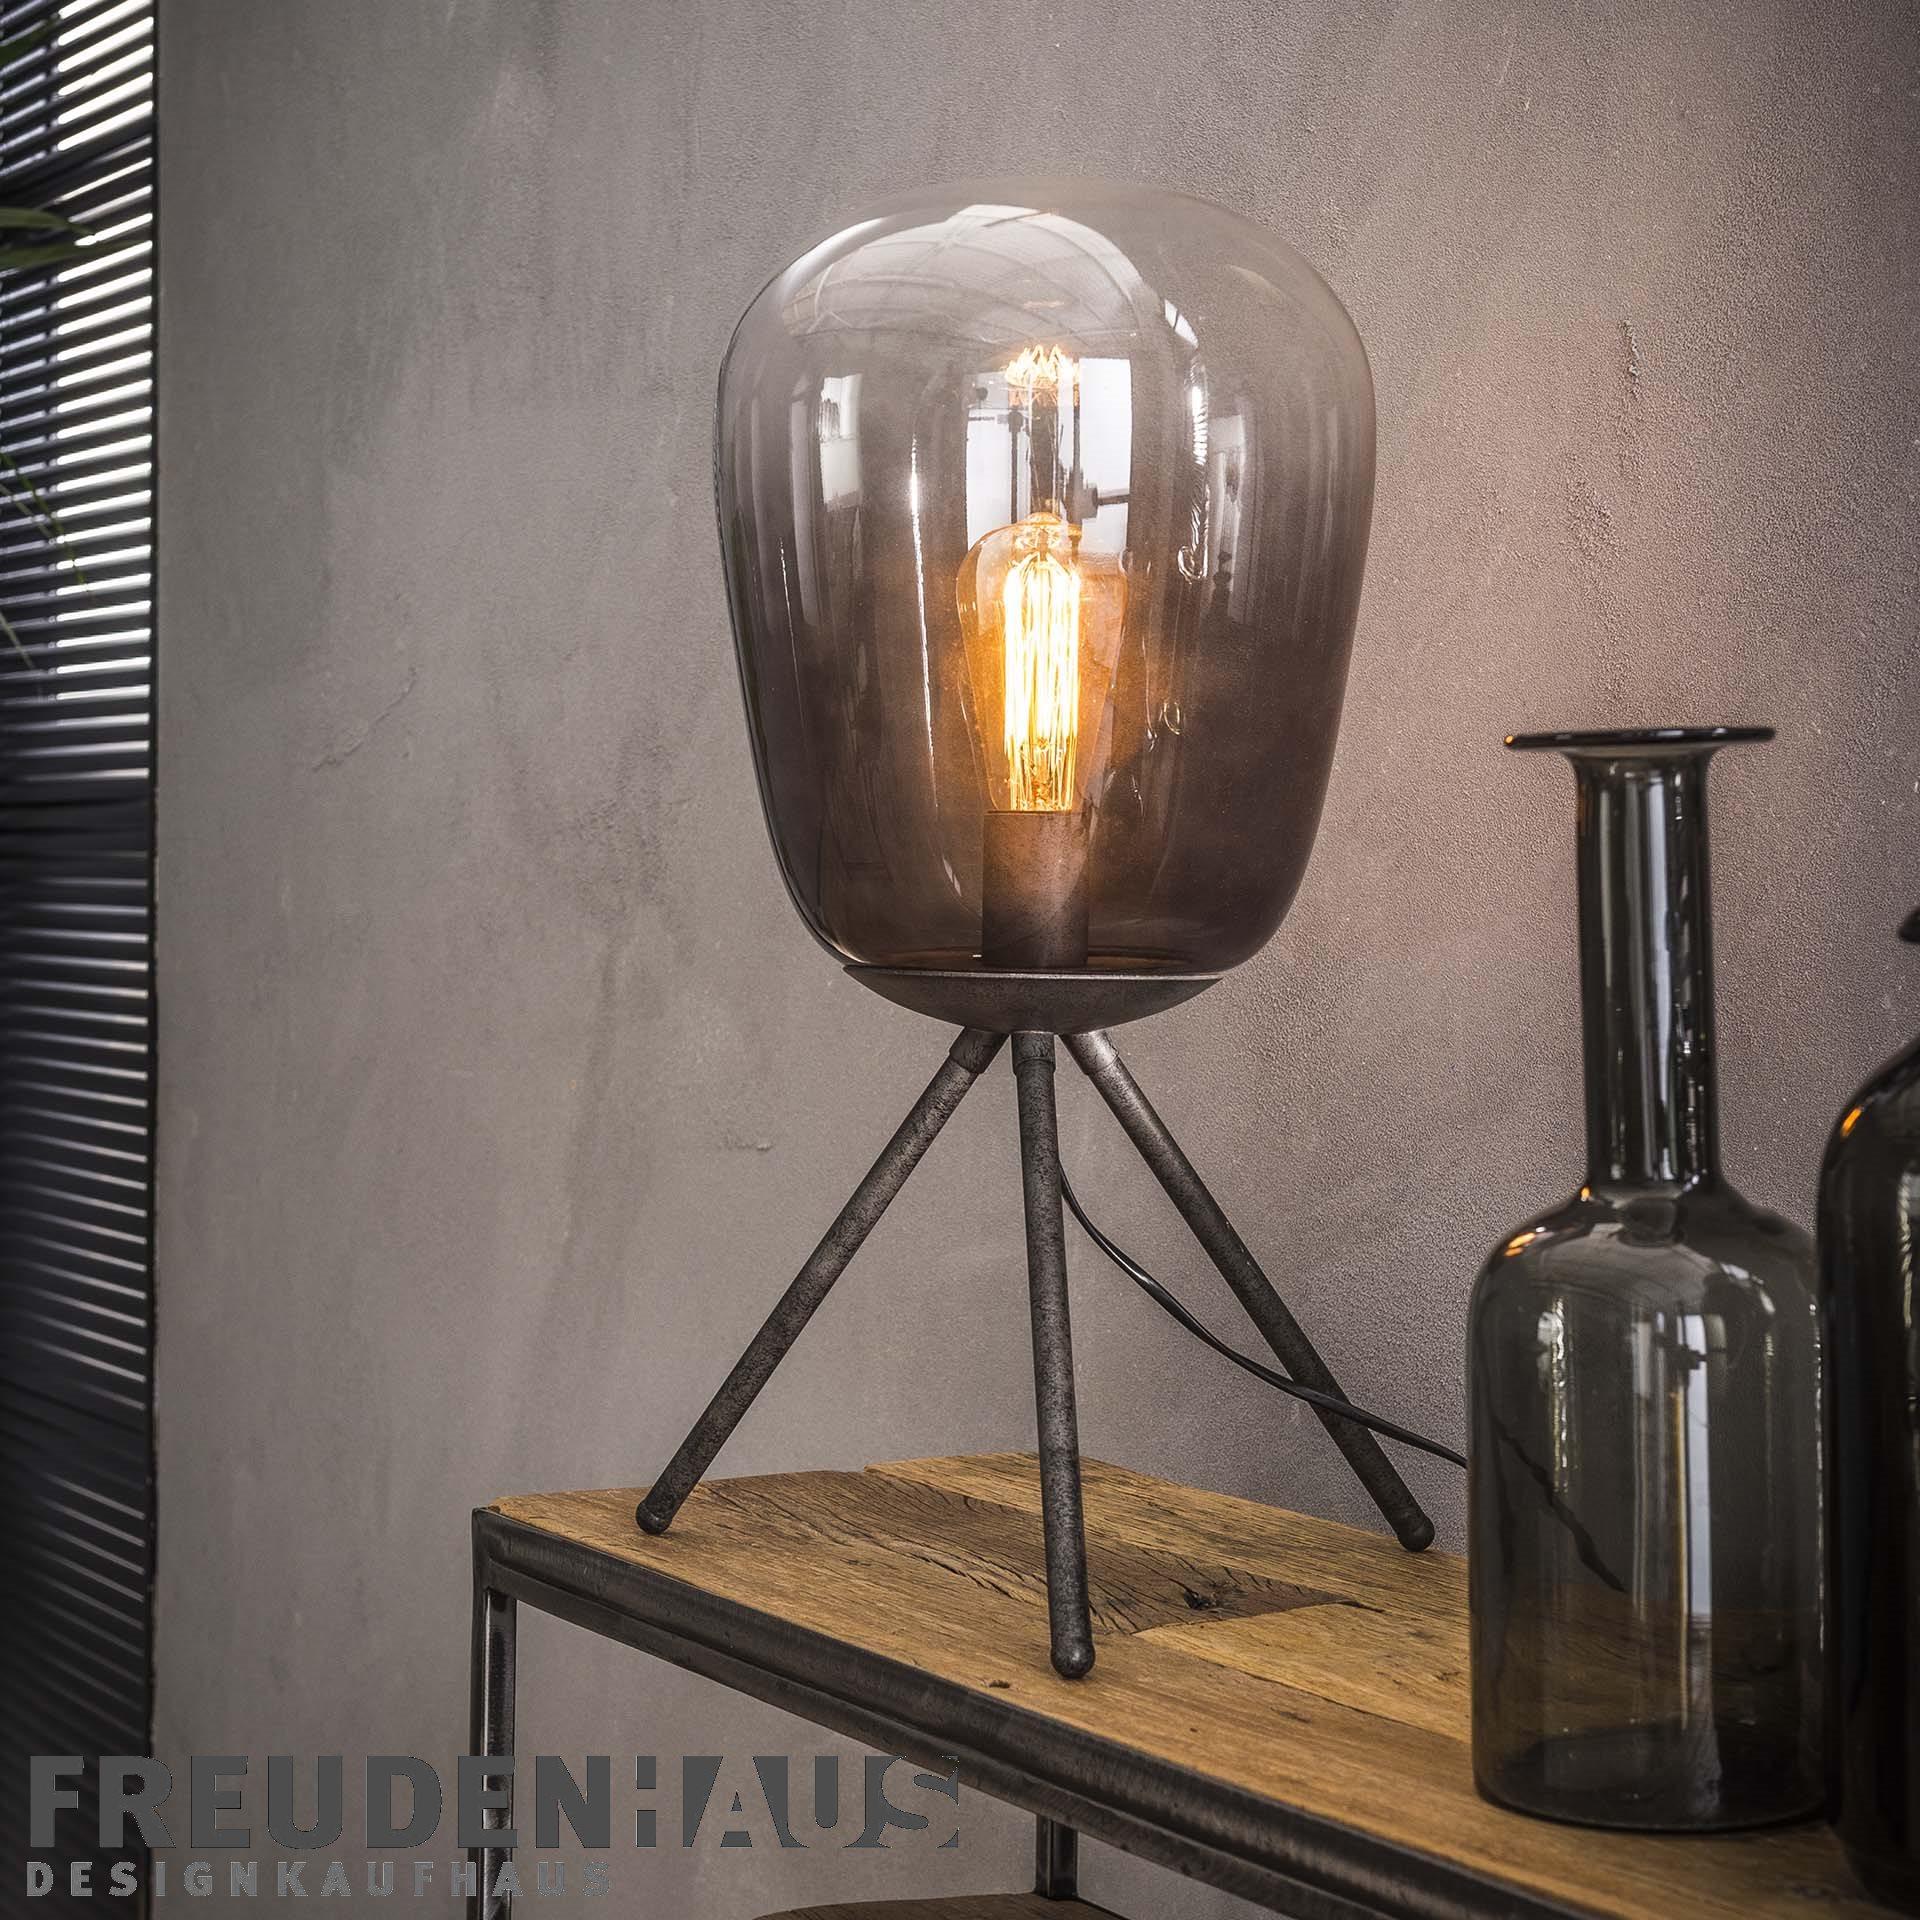 tischlampen im vintagehaus online shop kaufen. Black Bedroom Furniture Sets. Home Design Ideas